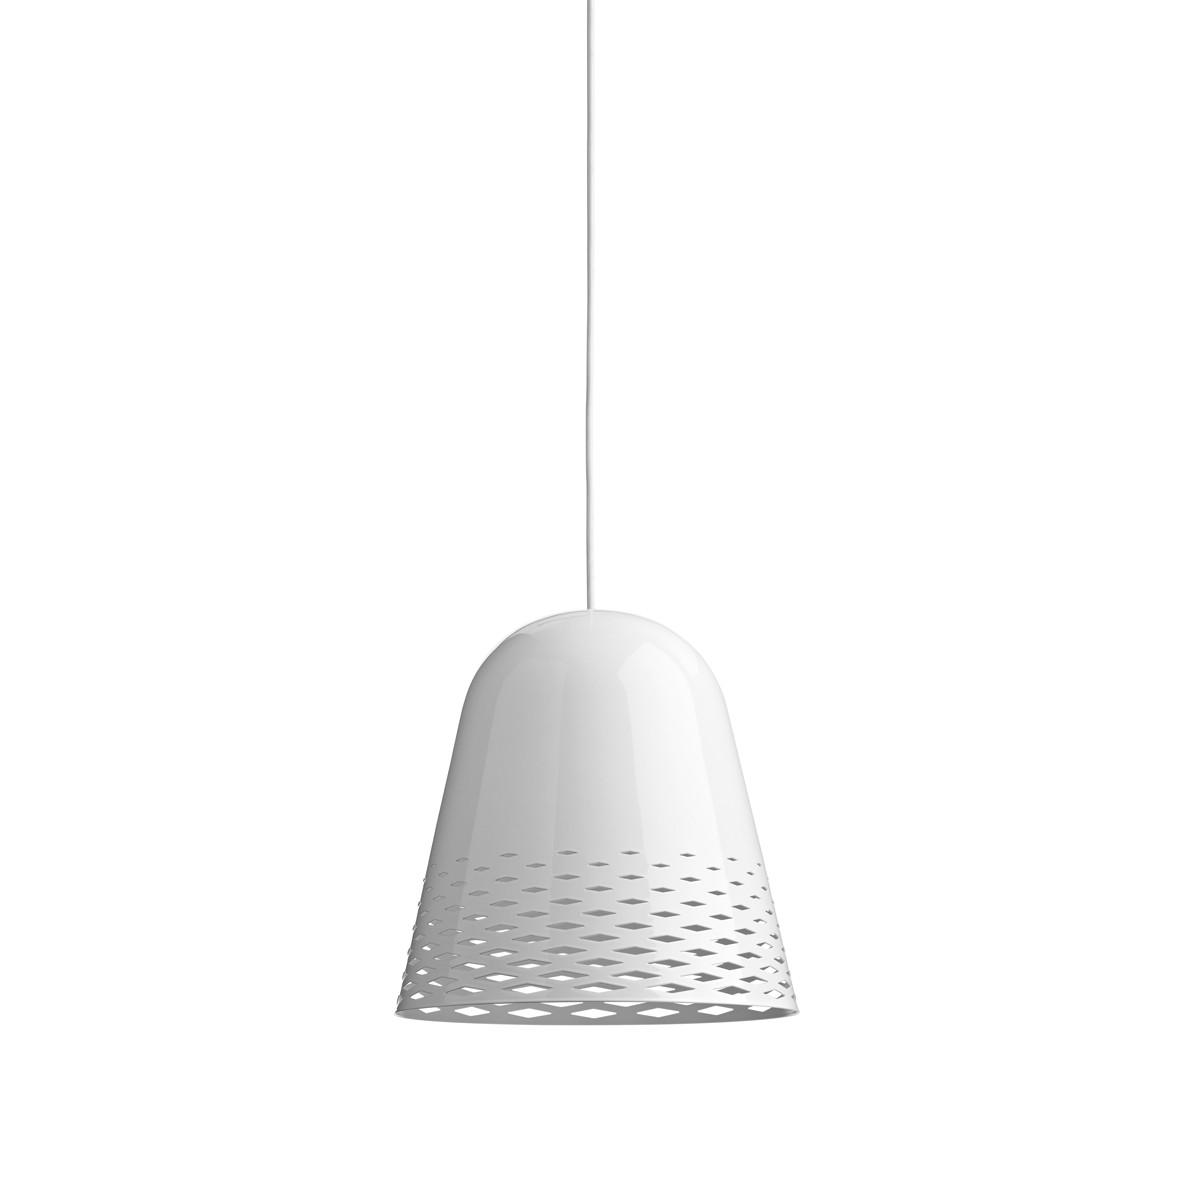 Rotaliana Capri H2 Pendelleuchte, Schirm: weiß glänzend, innen weiß matt, Kabel: weiß